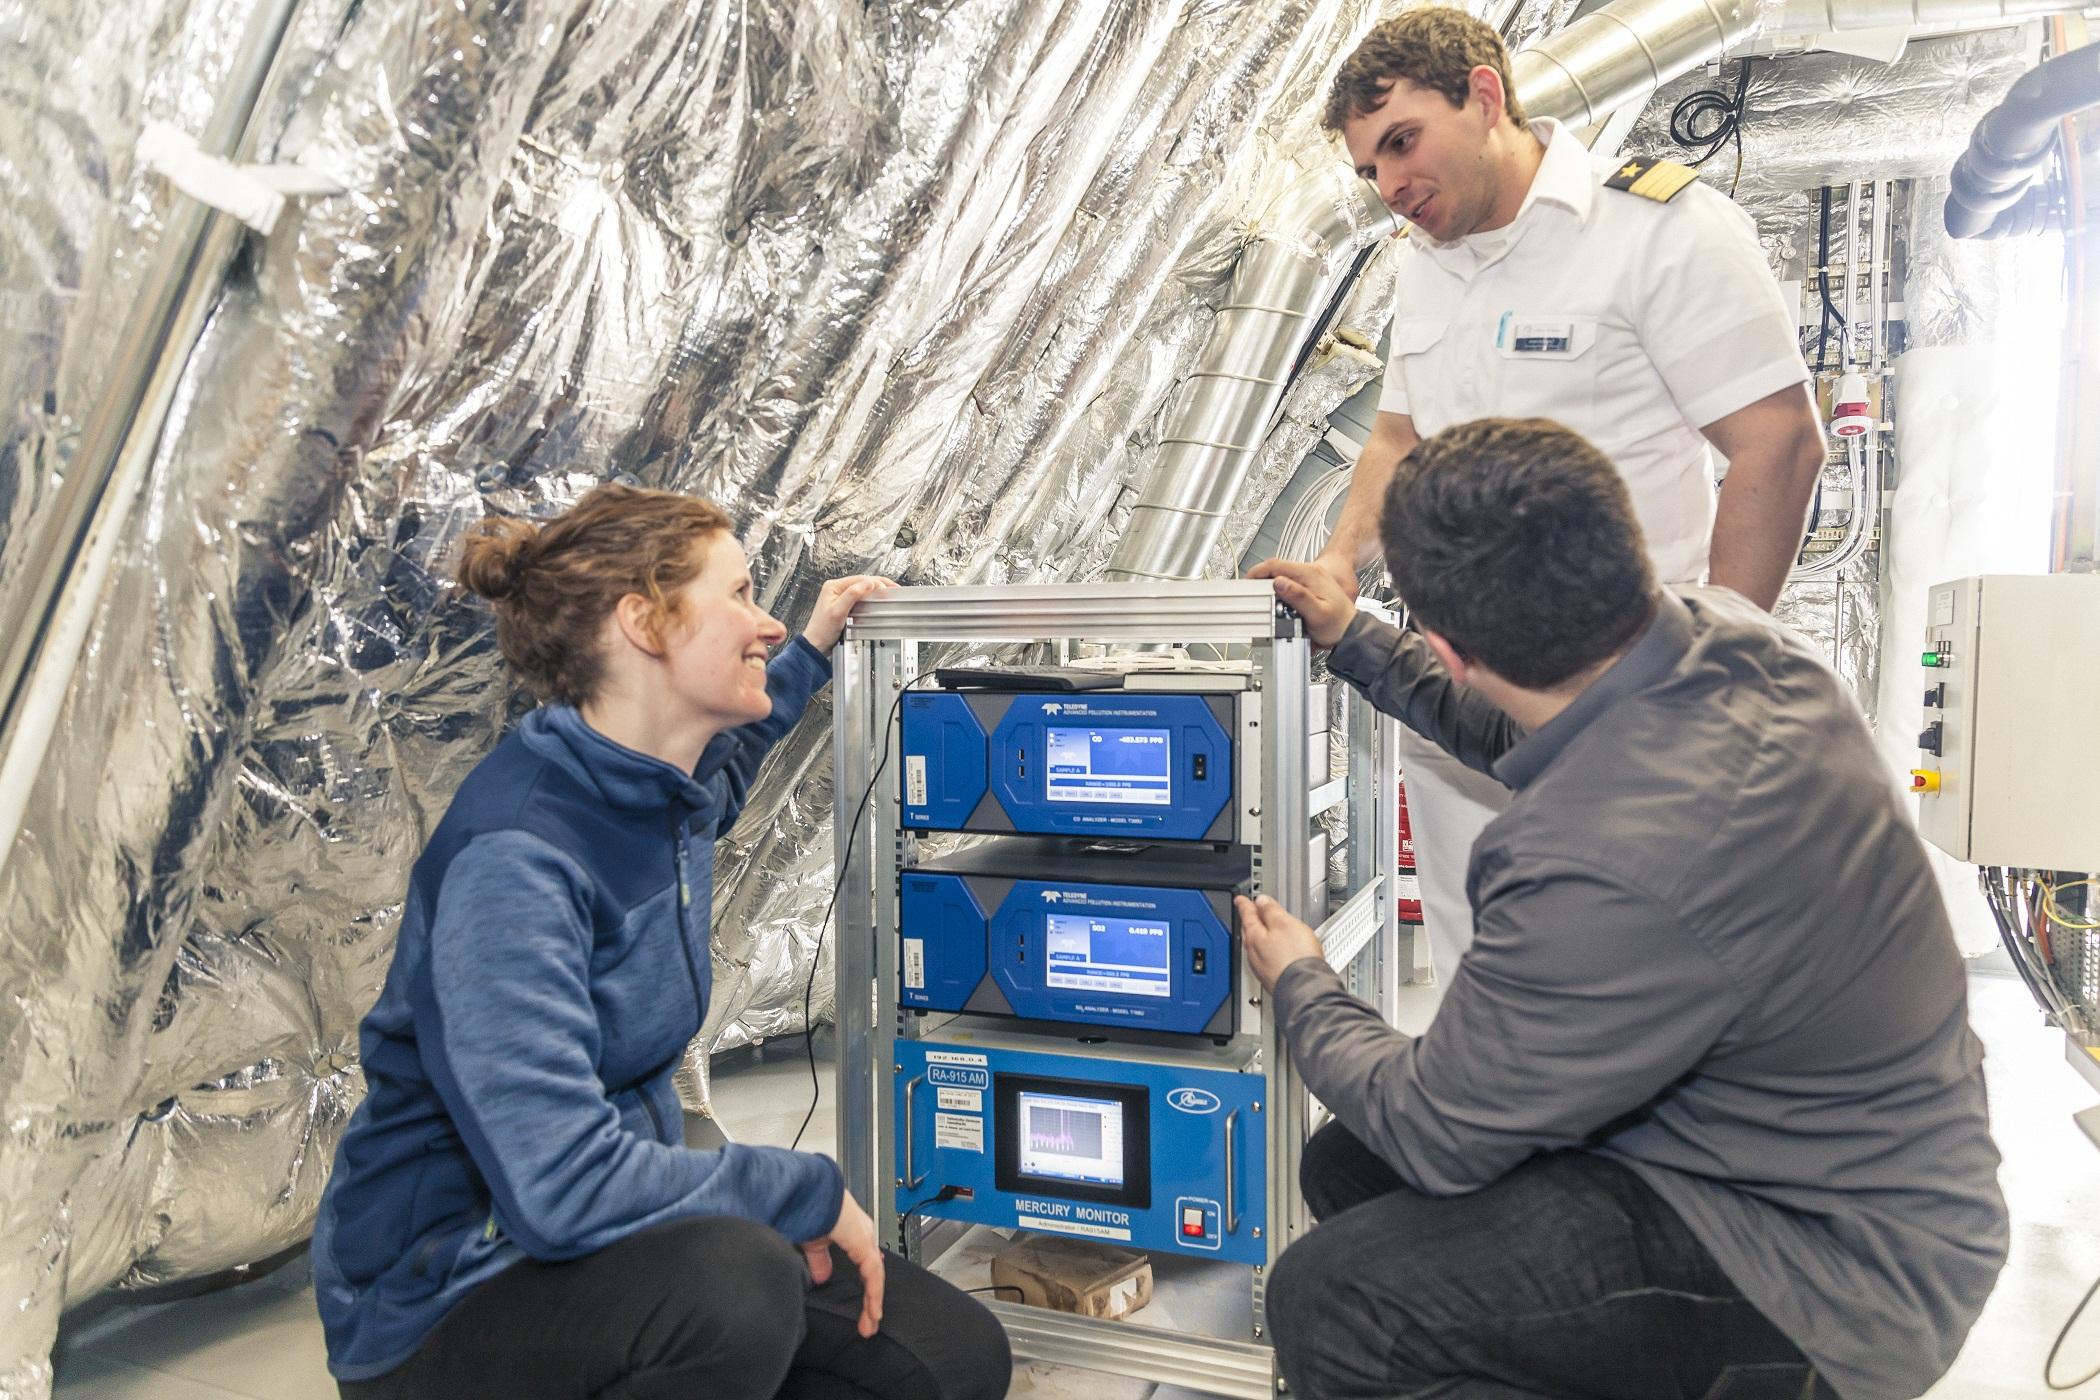 Kooperation mit dem Helmholtz Zentrum Geesthacht: Lucienne Damm inspiziert die Quecksilbermeßgeräte auf der Mein Schiff 3